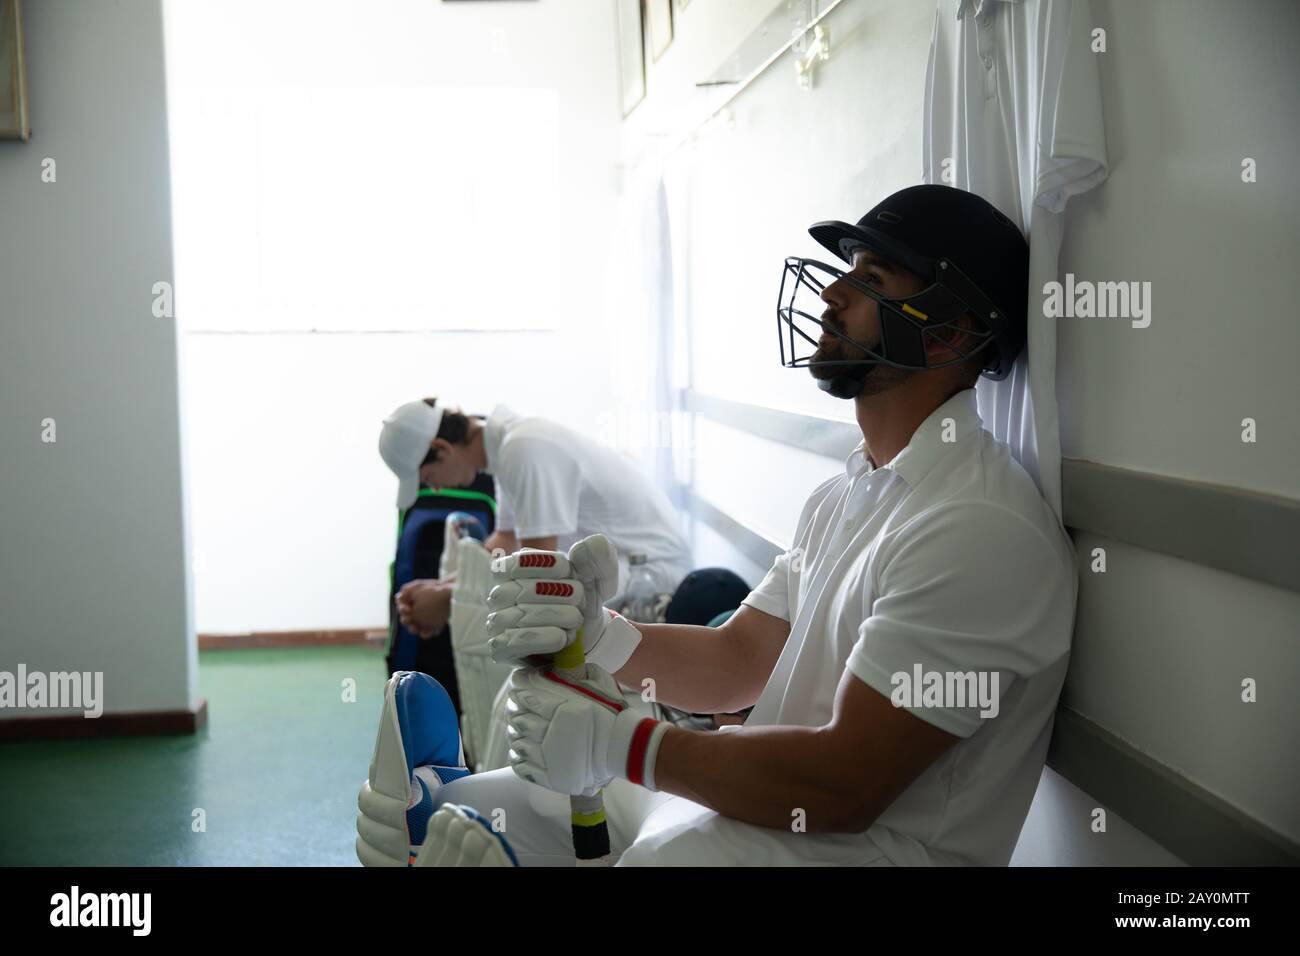 Jugador de cricket esperando antes de jugar Foto de stock